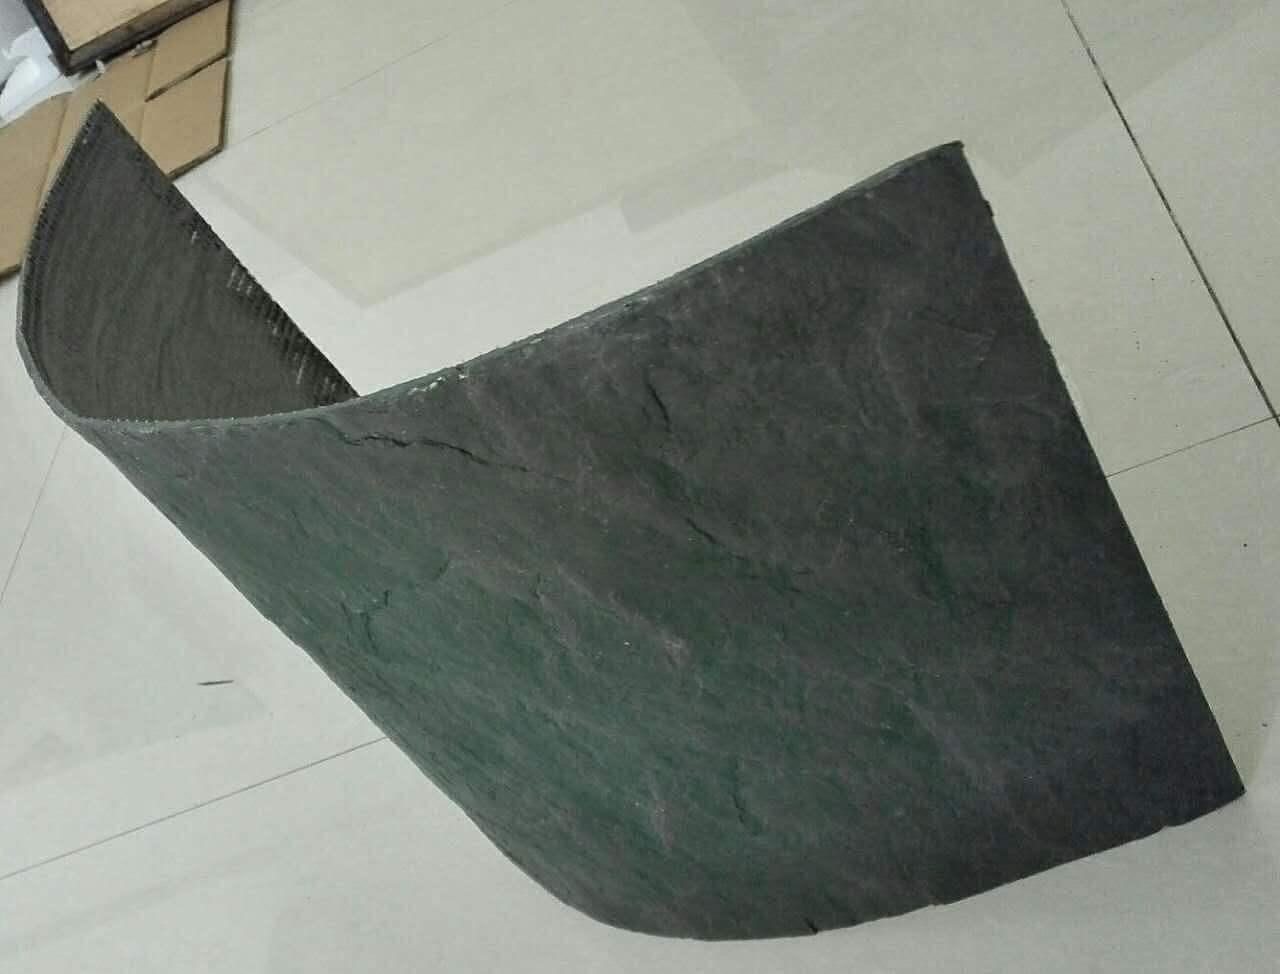 软瓷外墙砖施工流程 软瓷施工步骤